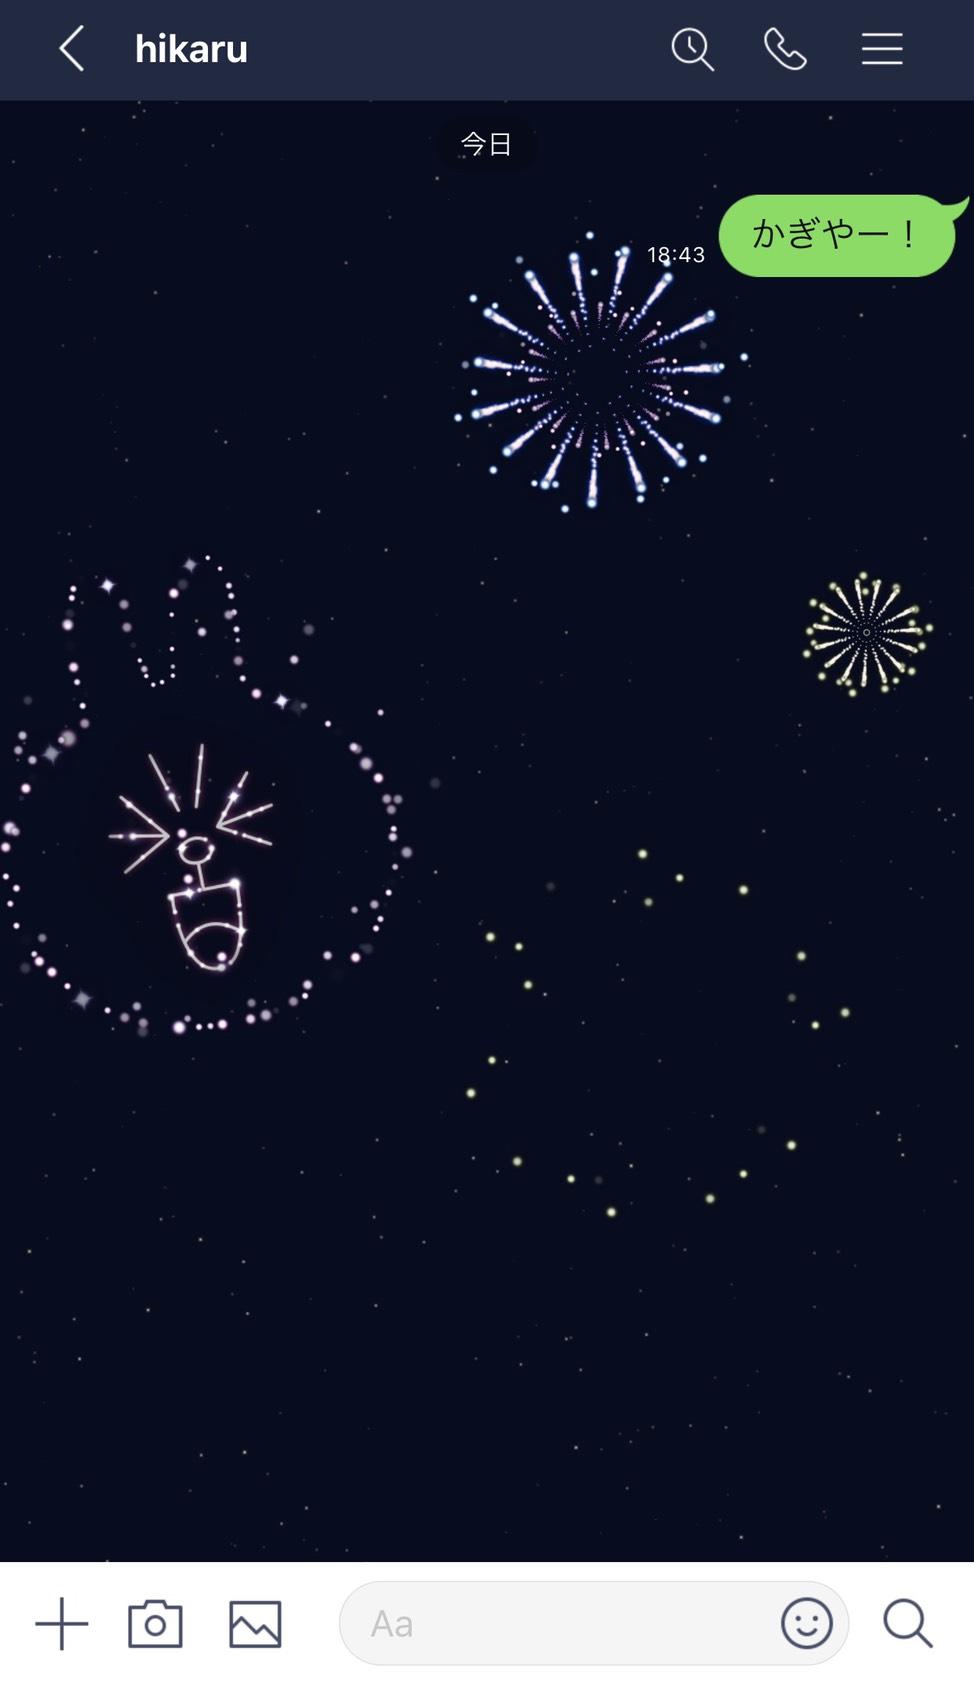 画像3: 花火大会の掛け声をトークで送ると「花火」が打ち上がる!